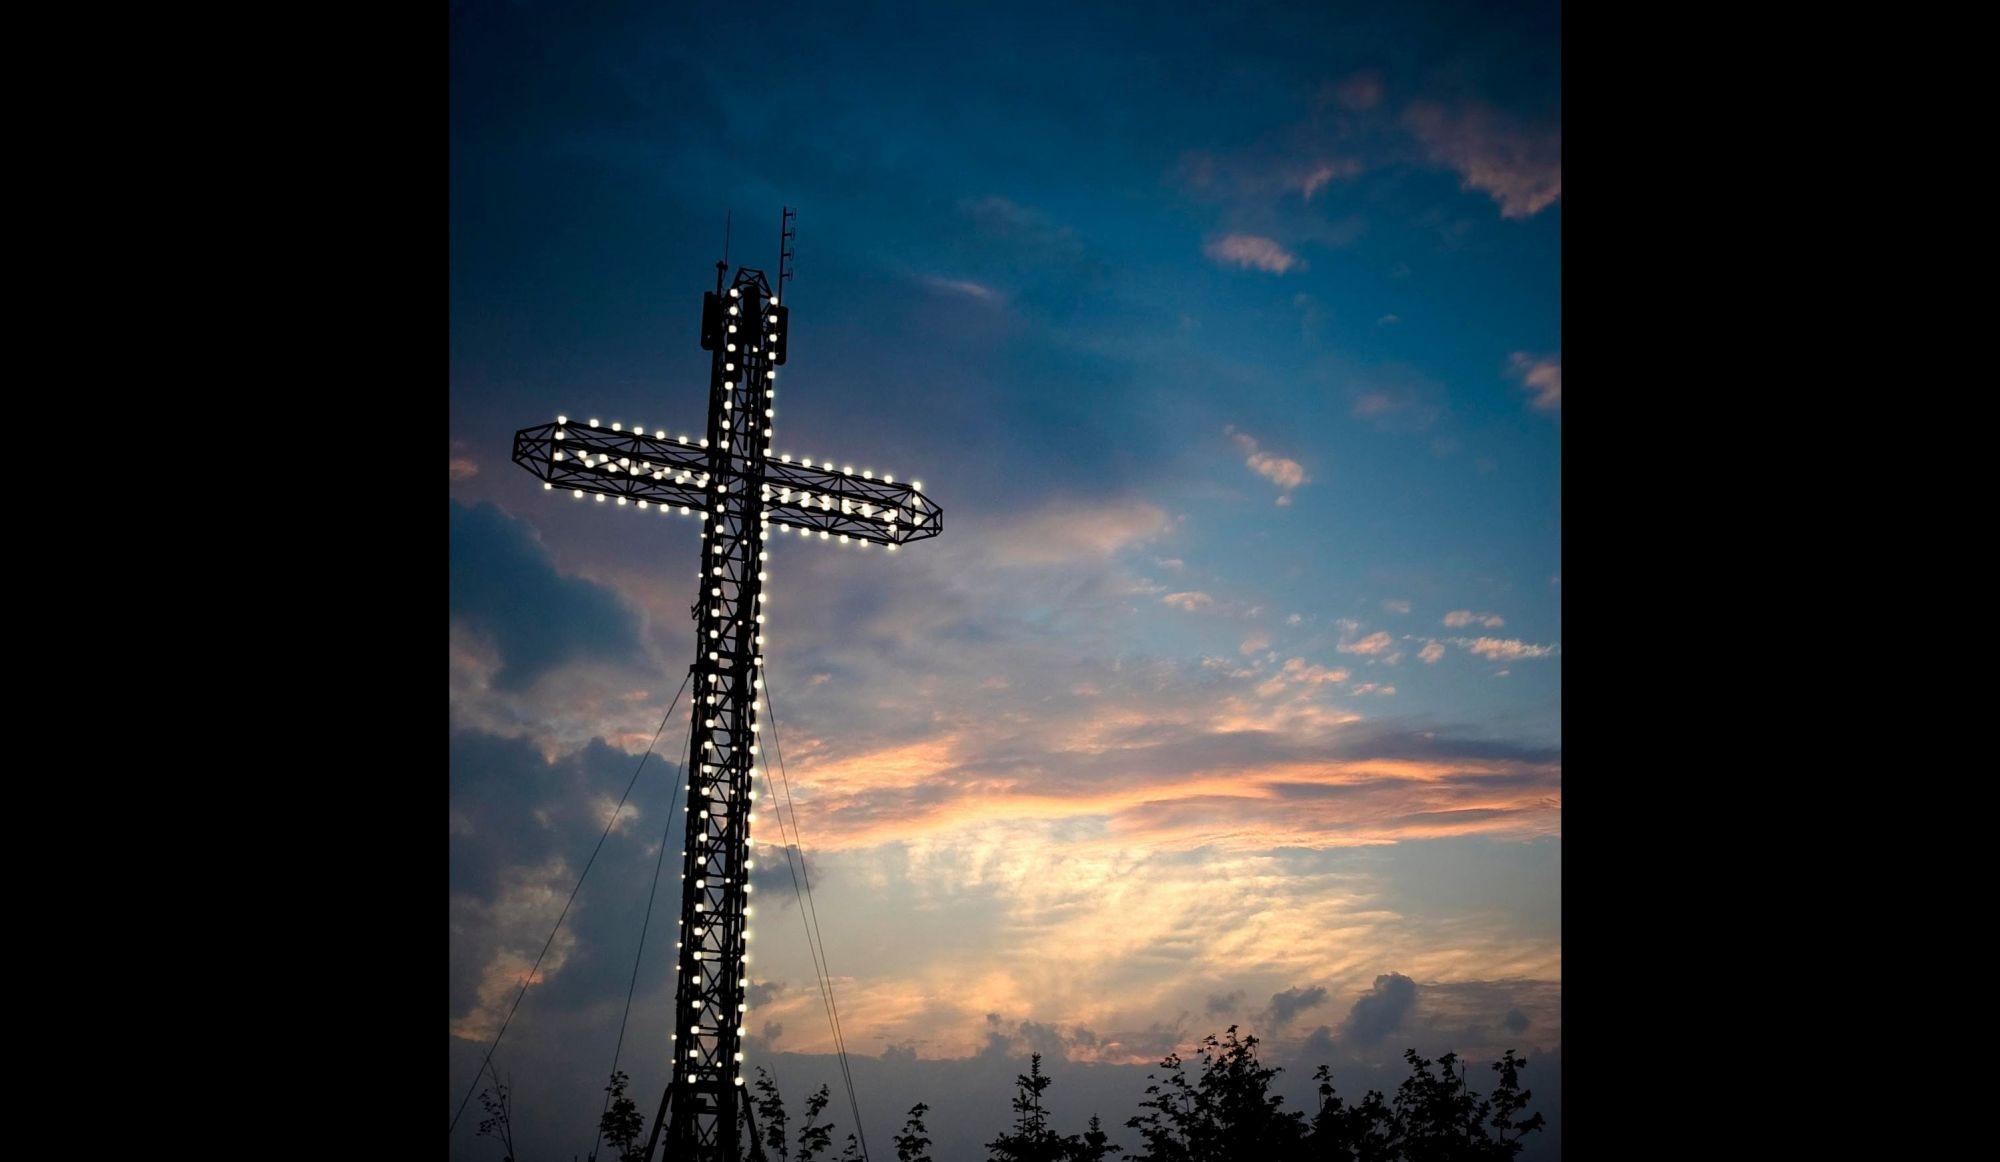 Conflit de la croix à Ste-adèle : Marc Lupien prêt à rencontrer le conseil